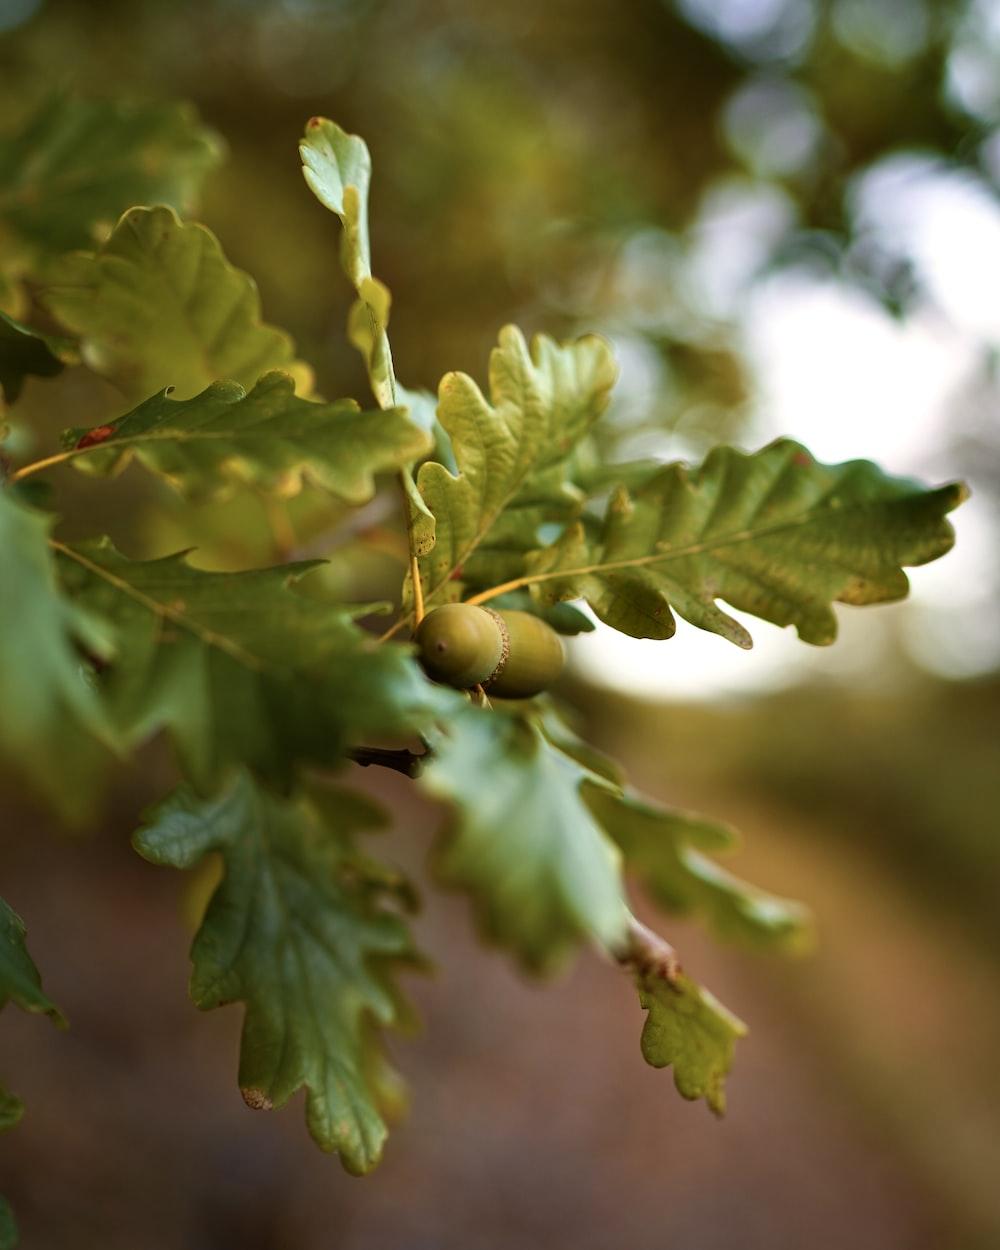 green fruit on green leaves